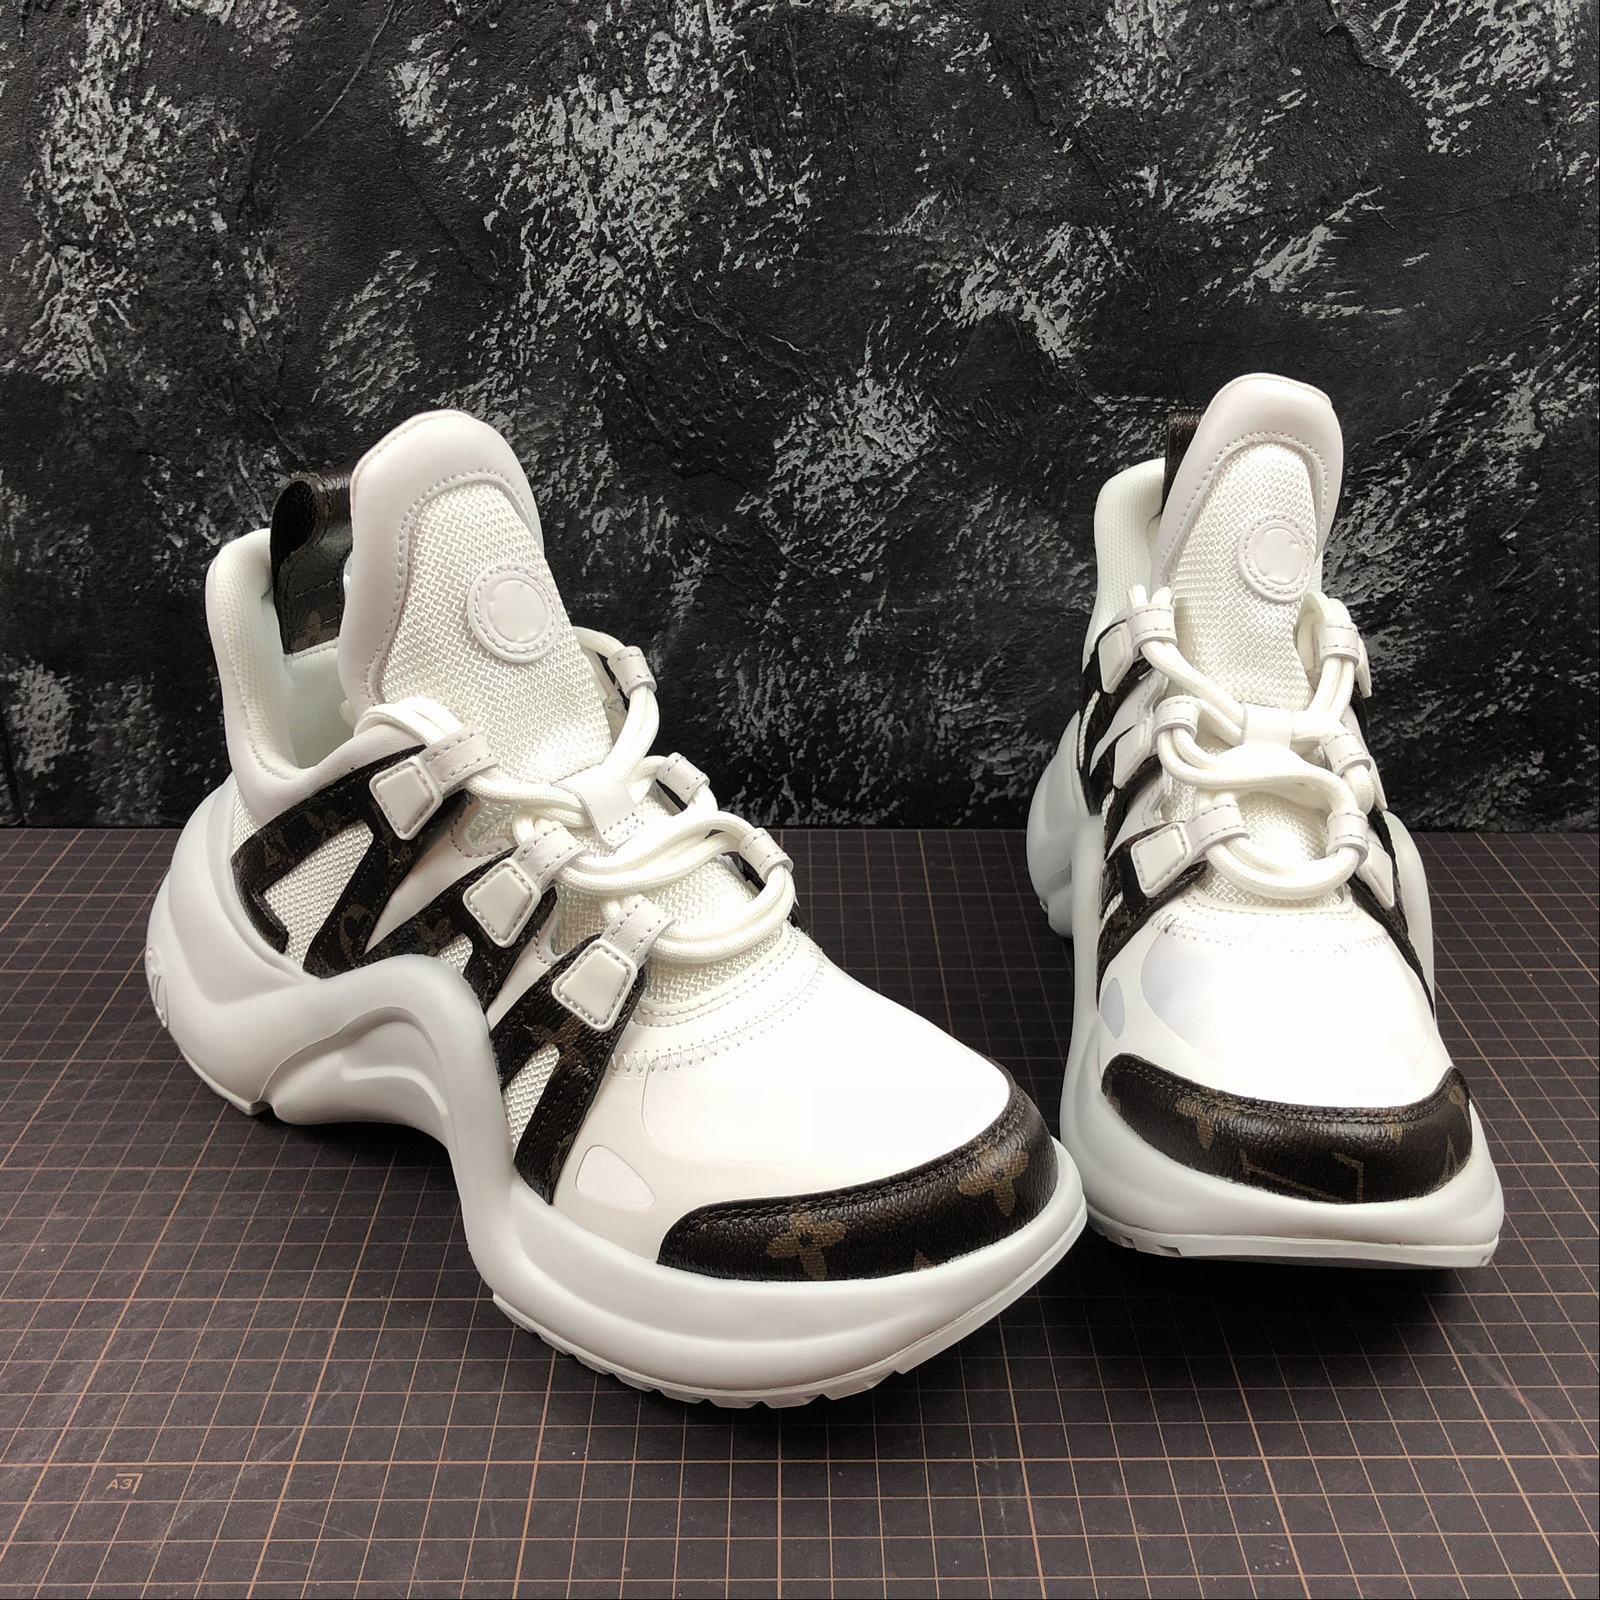 662a21c2ecc Compre Louis Vuitton Lv Archlight Men And Women Shoes Sneakers 3 Tamaño: 35  42 Moda De Lujo Scarpe Diseñador Para Hombre Mujer Sandalias Zapatos  Zapatillas ...